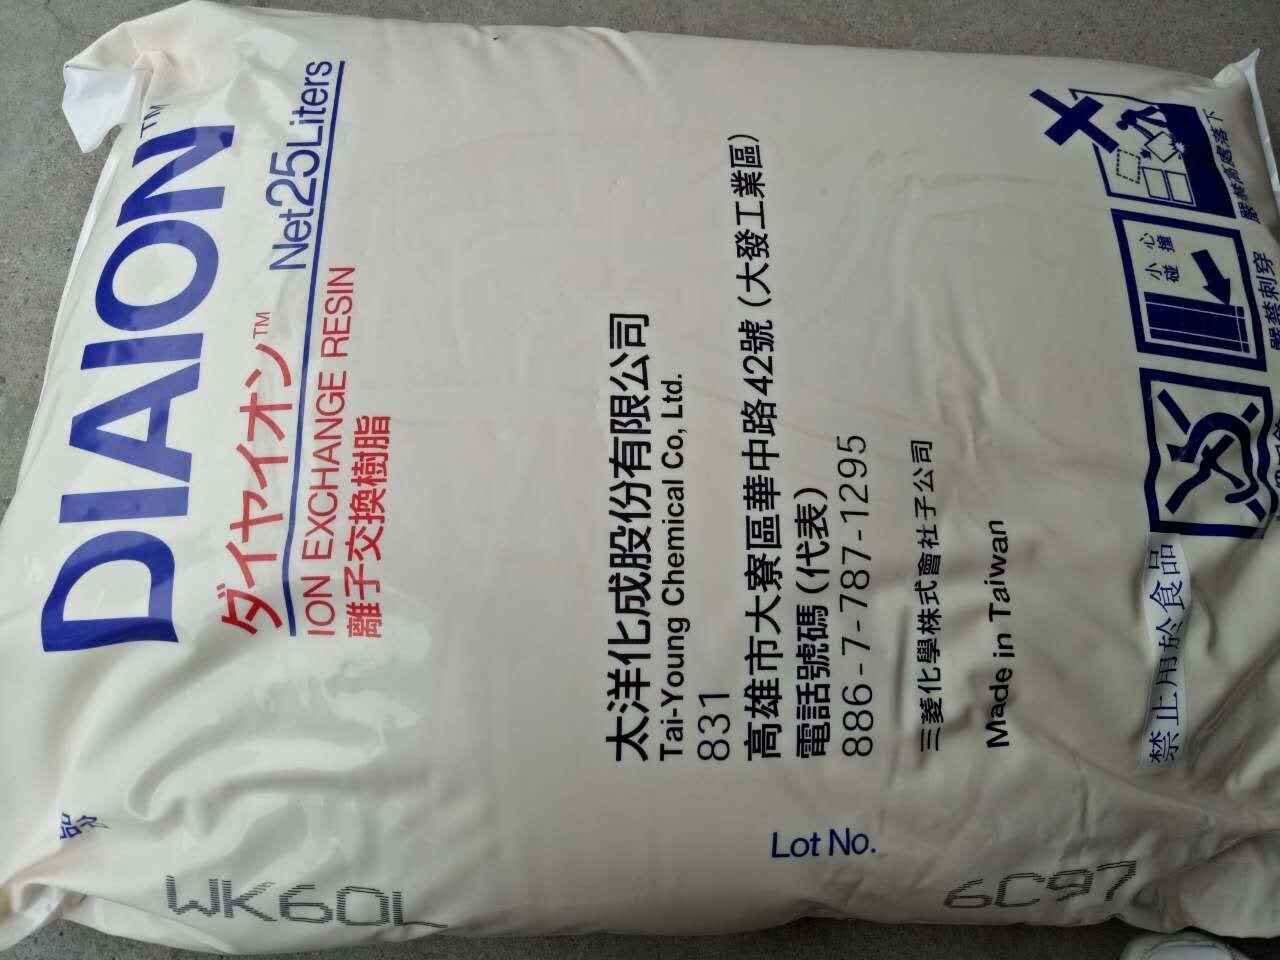 日本三菱WK60L进口竞博电竞体育赛事平台